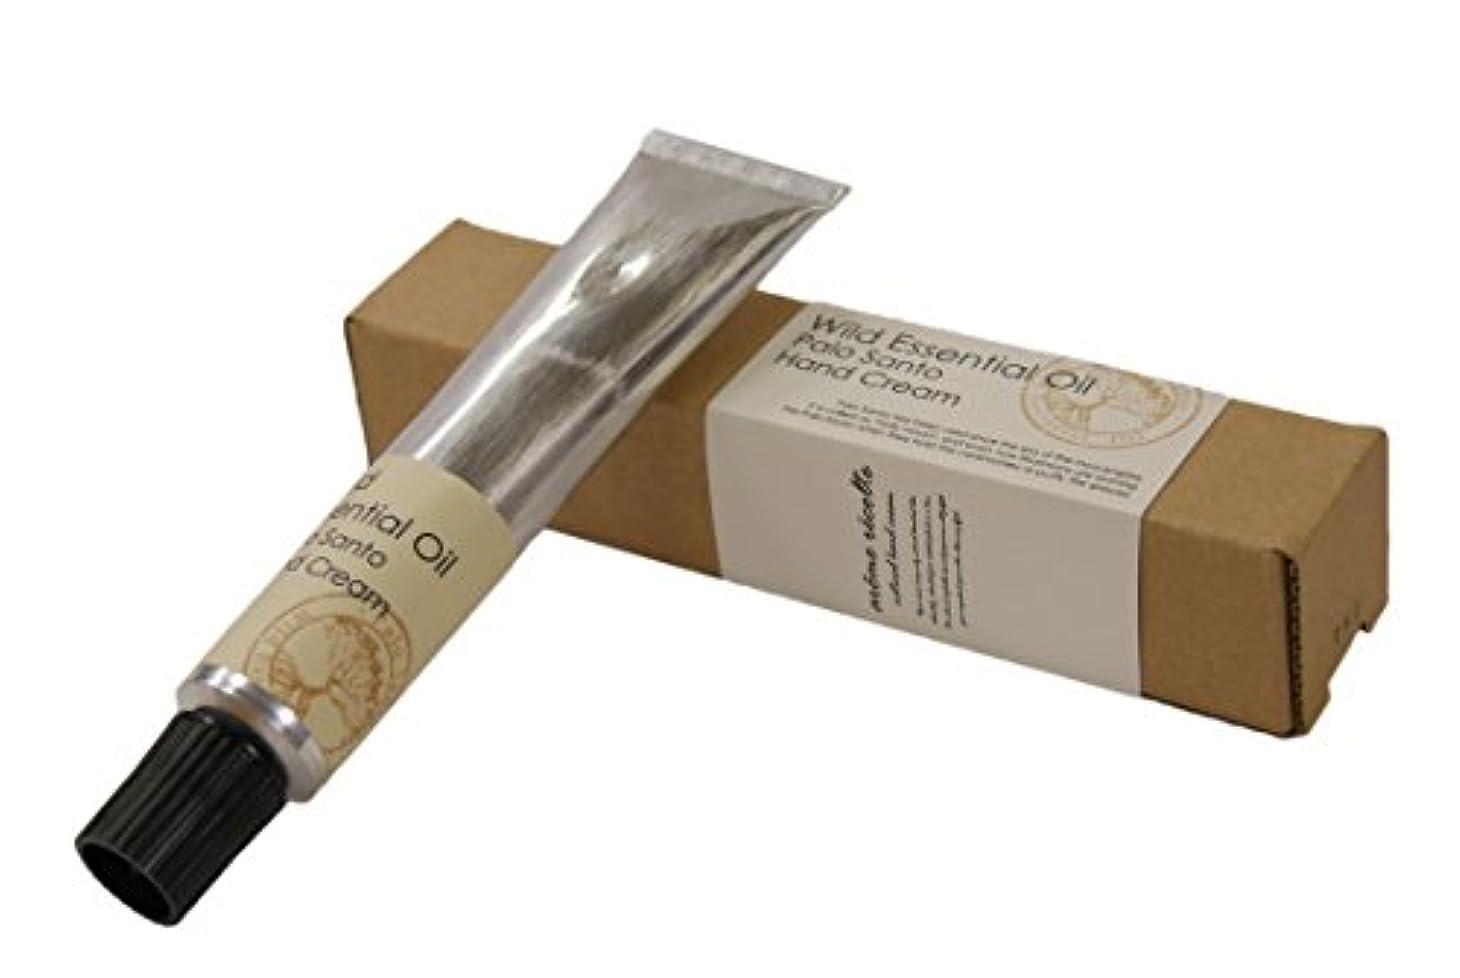 浅いホーム私たちアロマレコルト ハンドクリーム パロサント 【Palo Santo】 ワイルド エッセンシャルオイル wild essential oil hand cream arome recolte